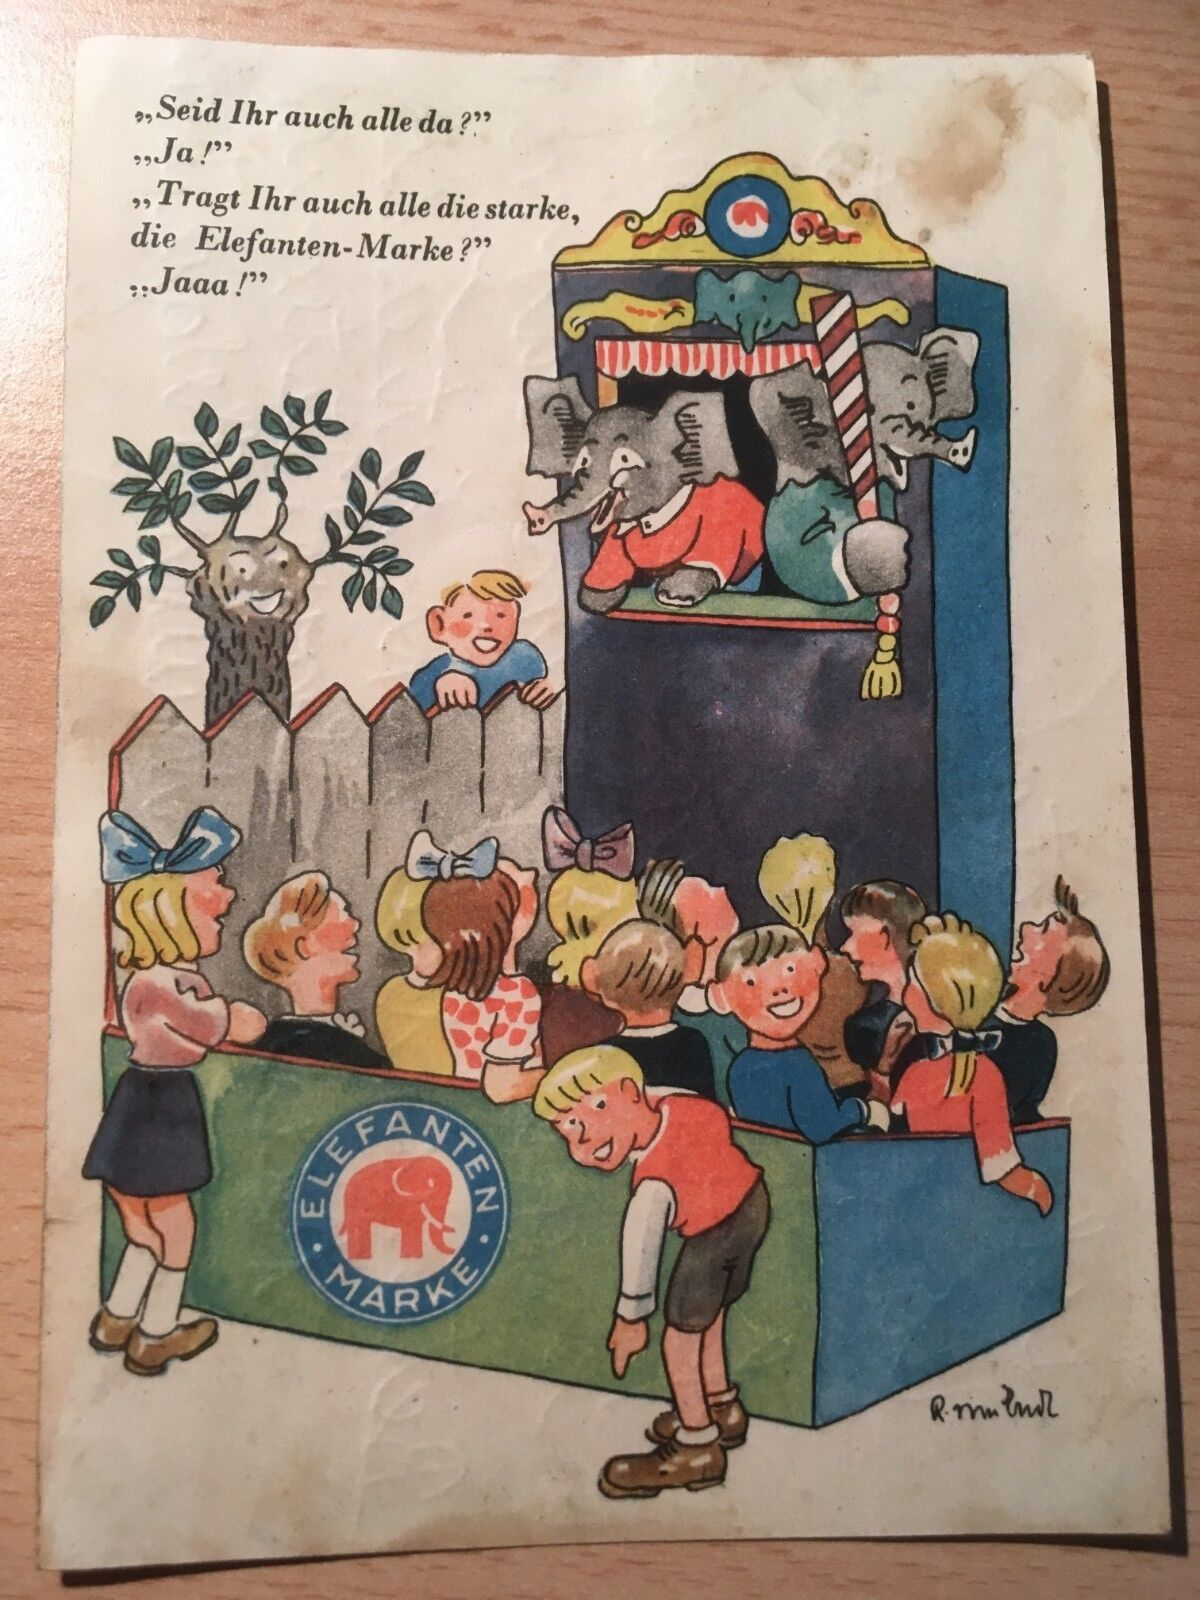 Elefanten Marke Schuhe Alte Werbe Ansichtskarte, Reklame, vor 1959